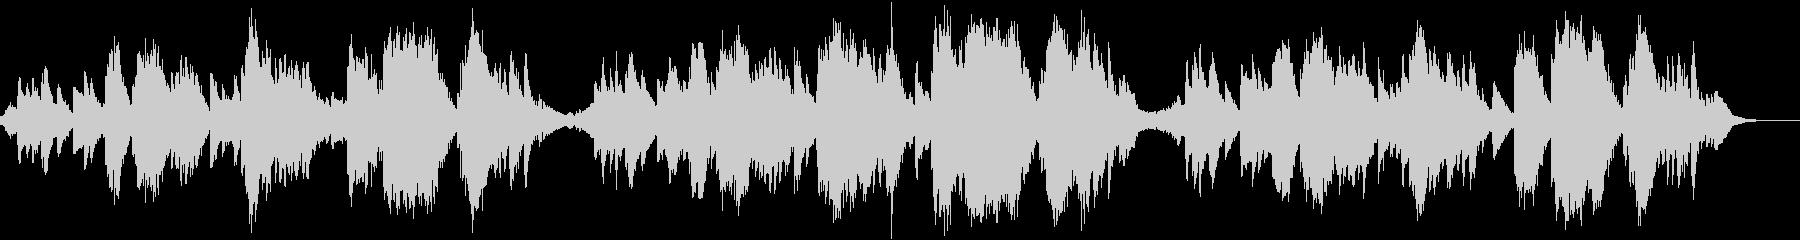 エレクトロニック 説明的 静か 楽...の未再生の波形